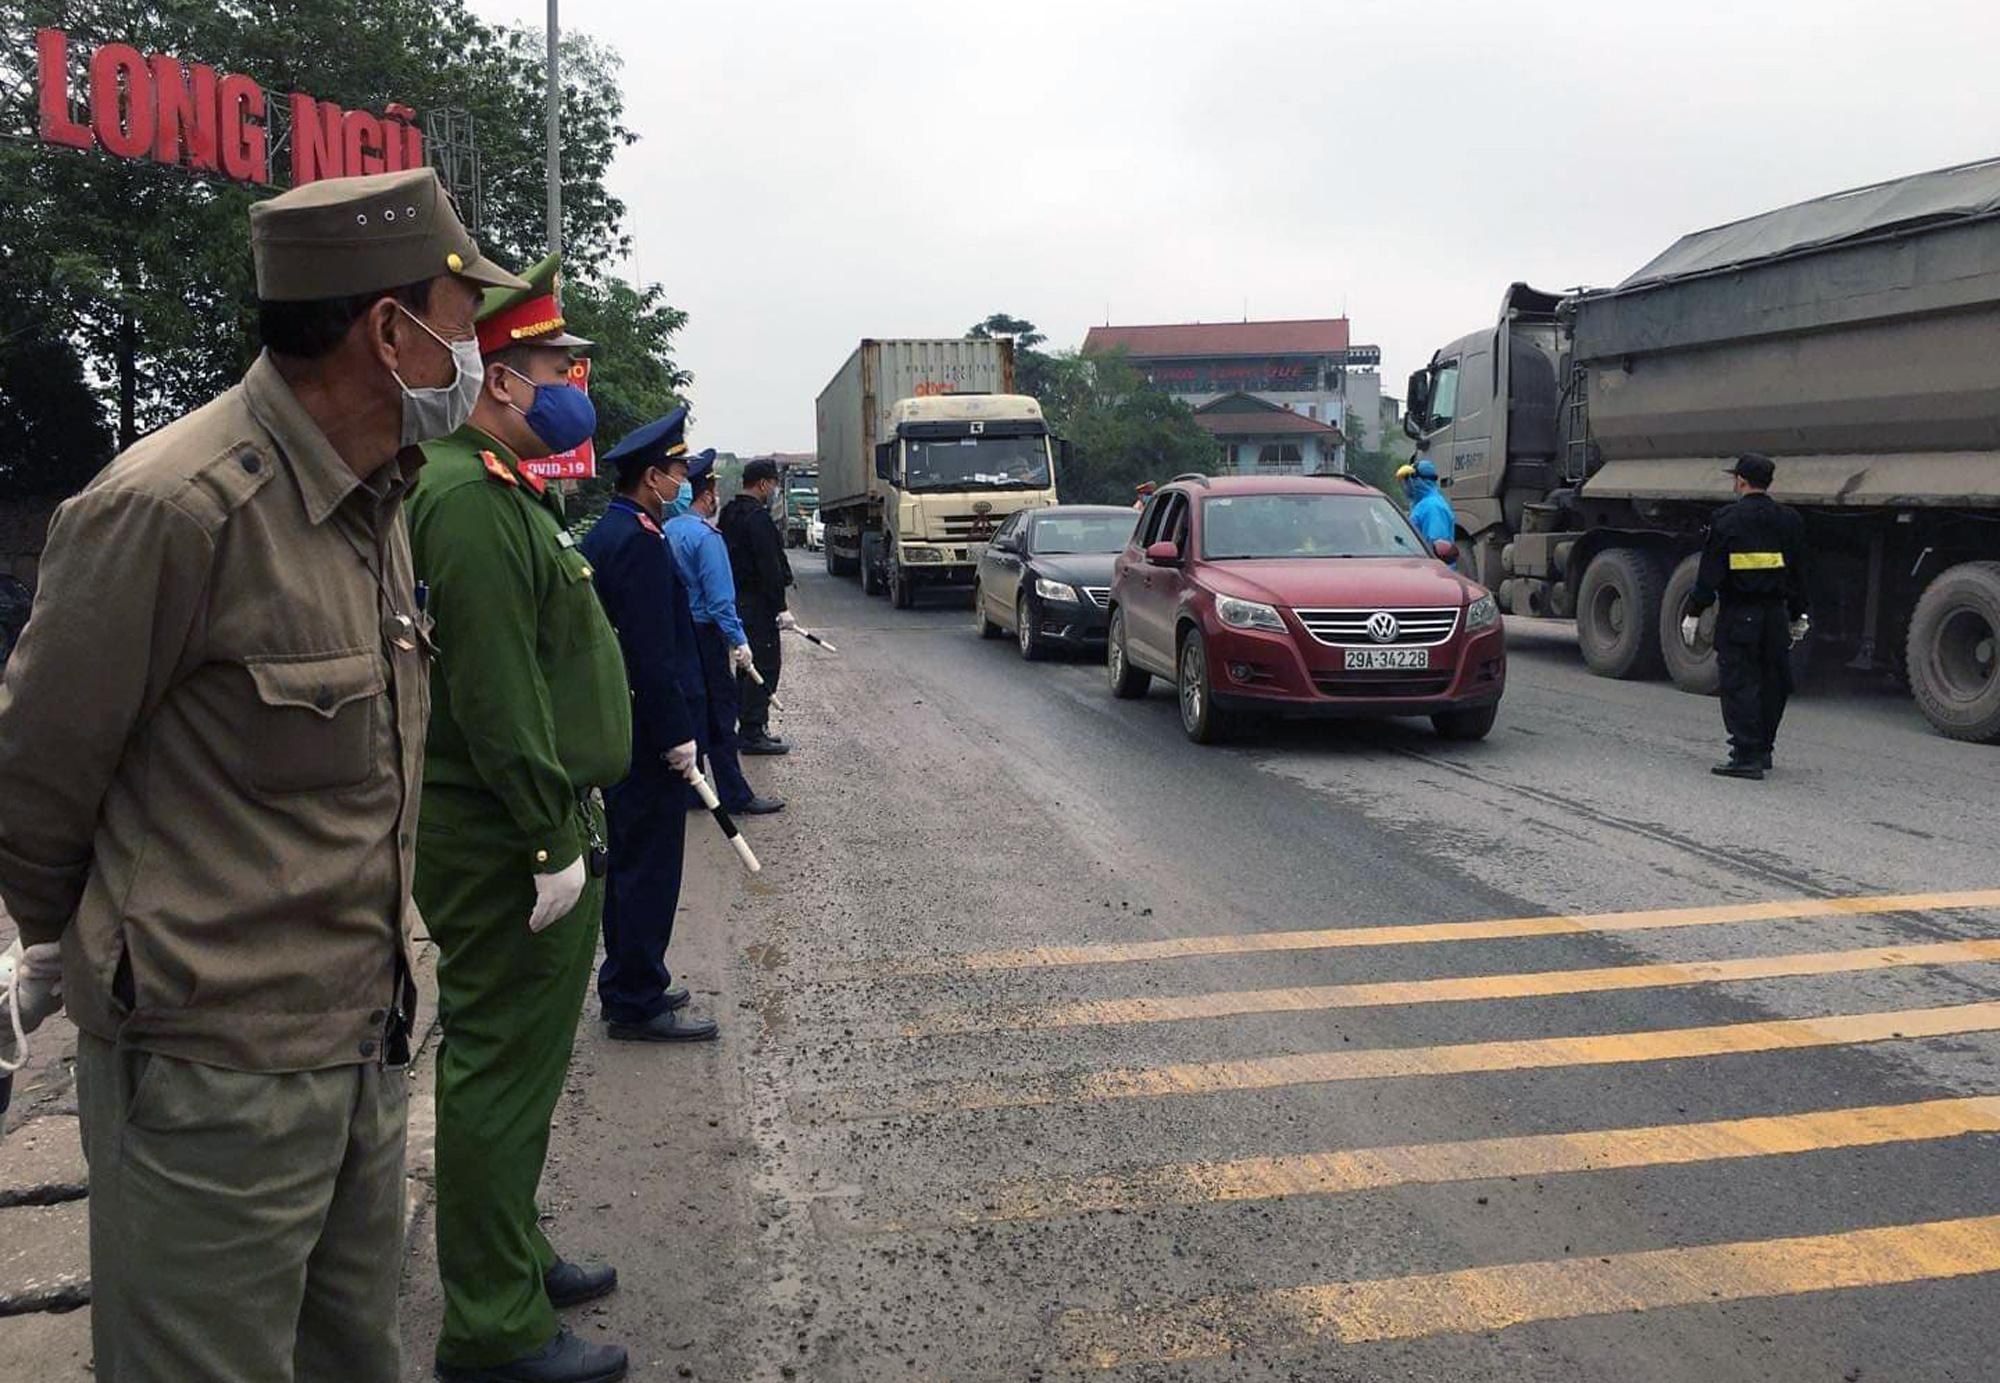 Chốt kiểm soát, giám sát cách li xã hội ở cửa ngõ Thủ đô Hà Nội hoạt động thế nào? - Ảnh 6.